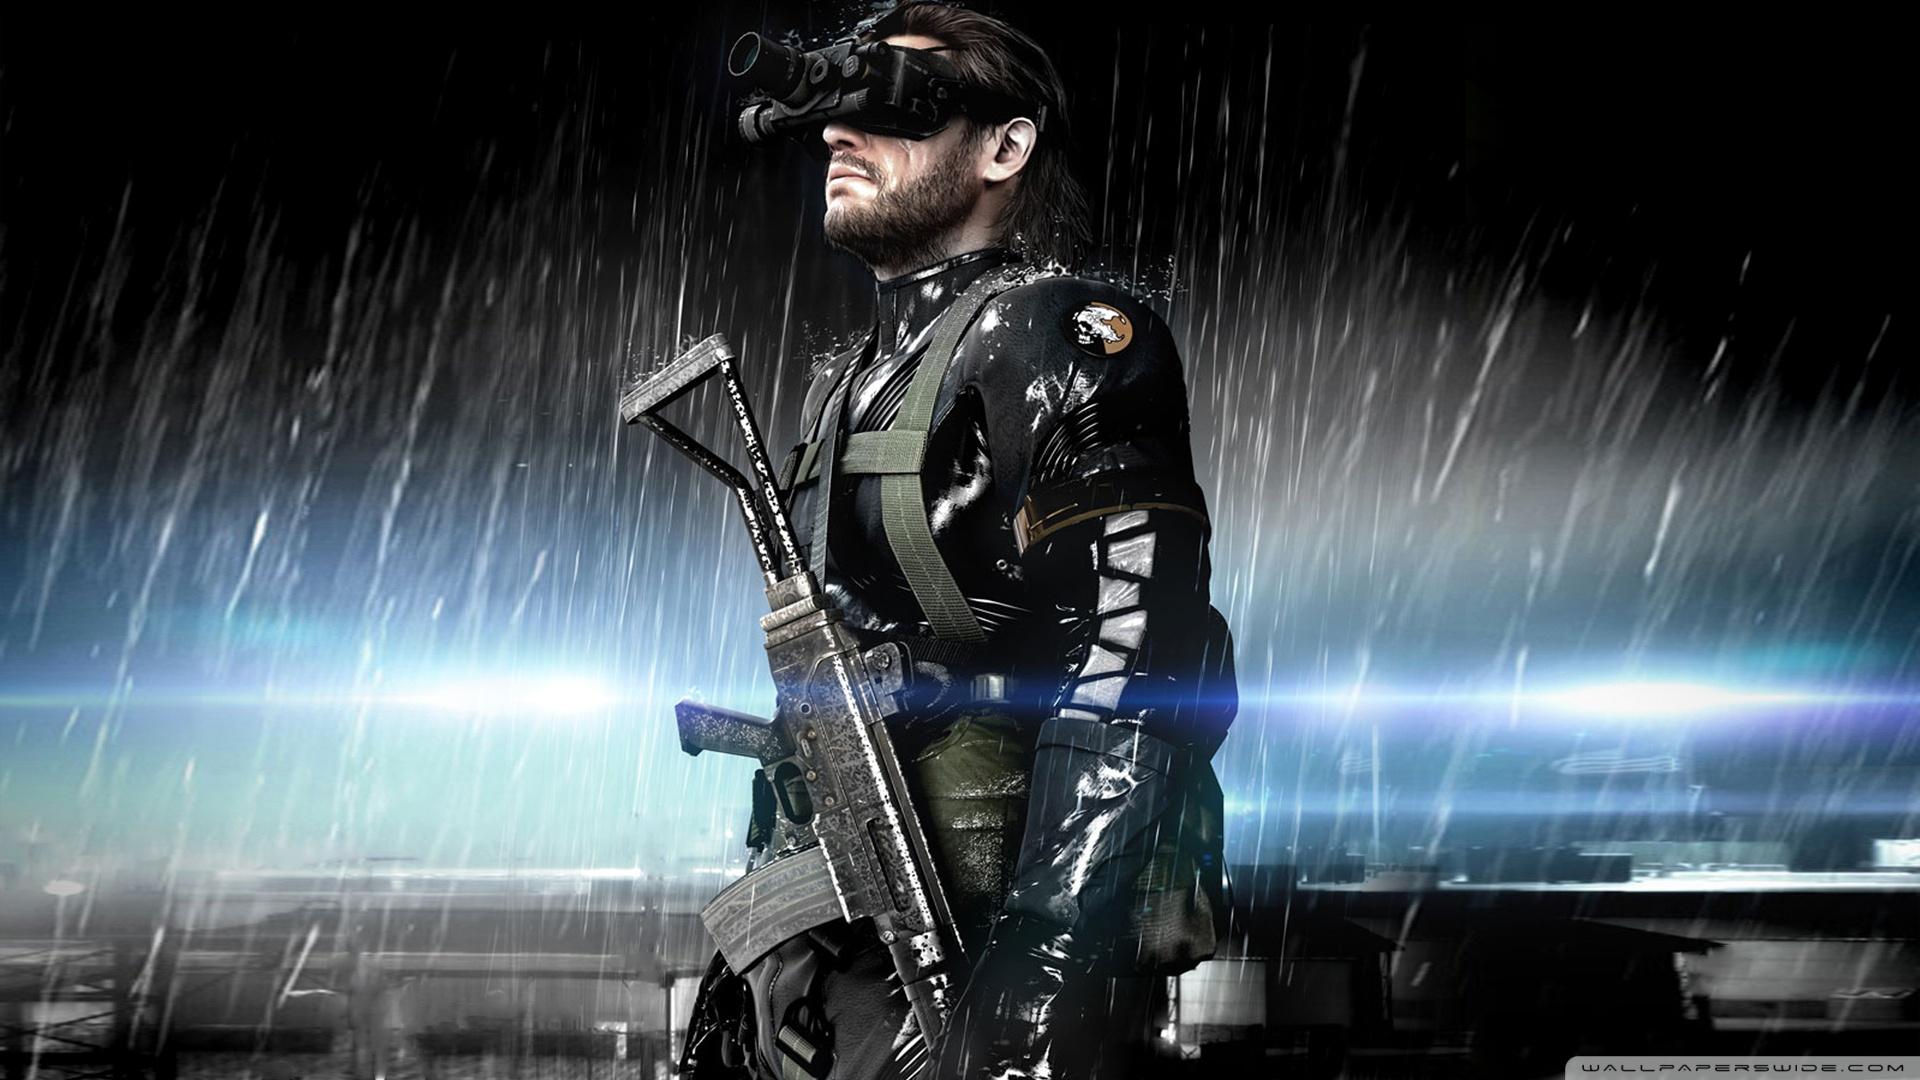 47 Metal Gear 5 Wallpaper On Wallpapersafari